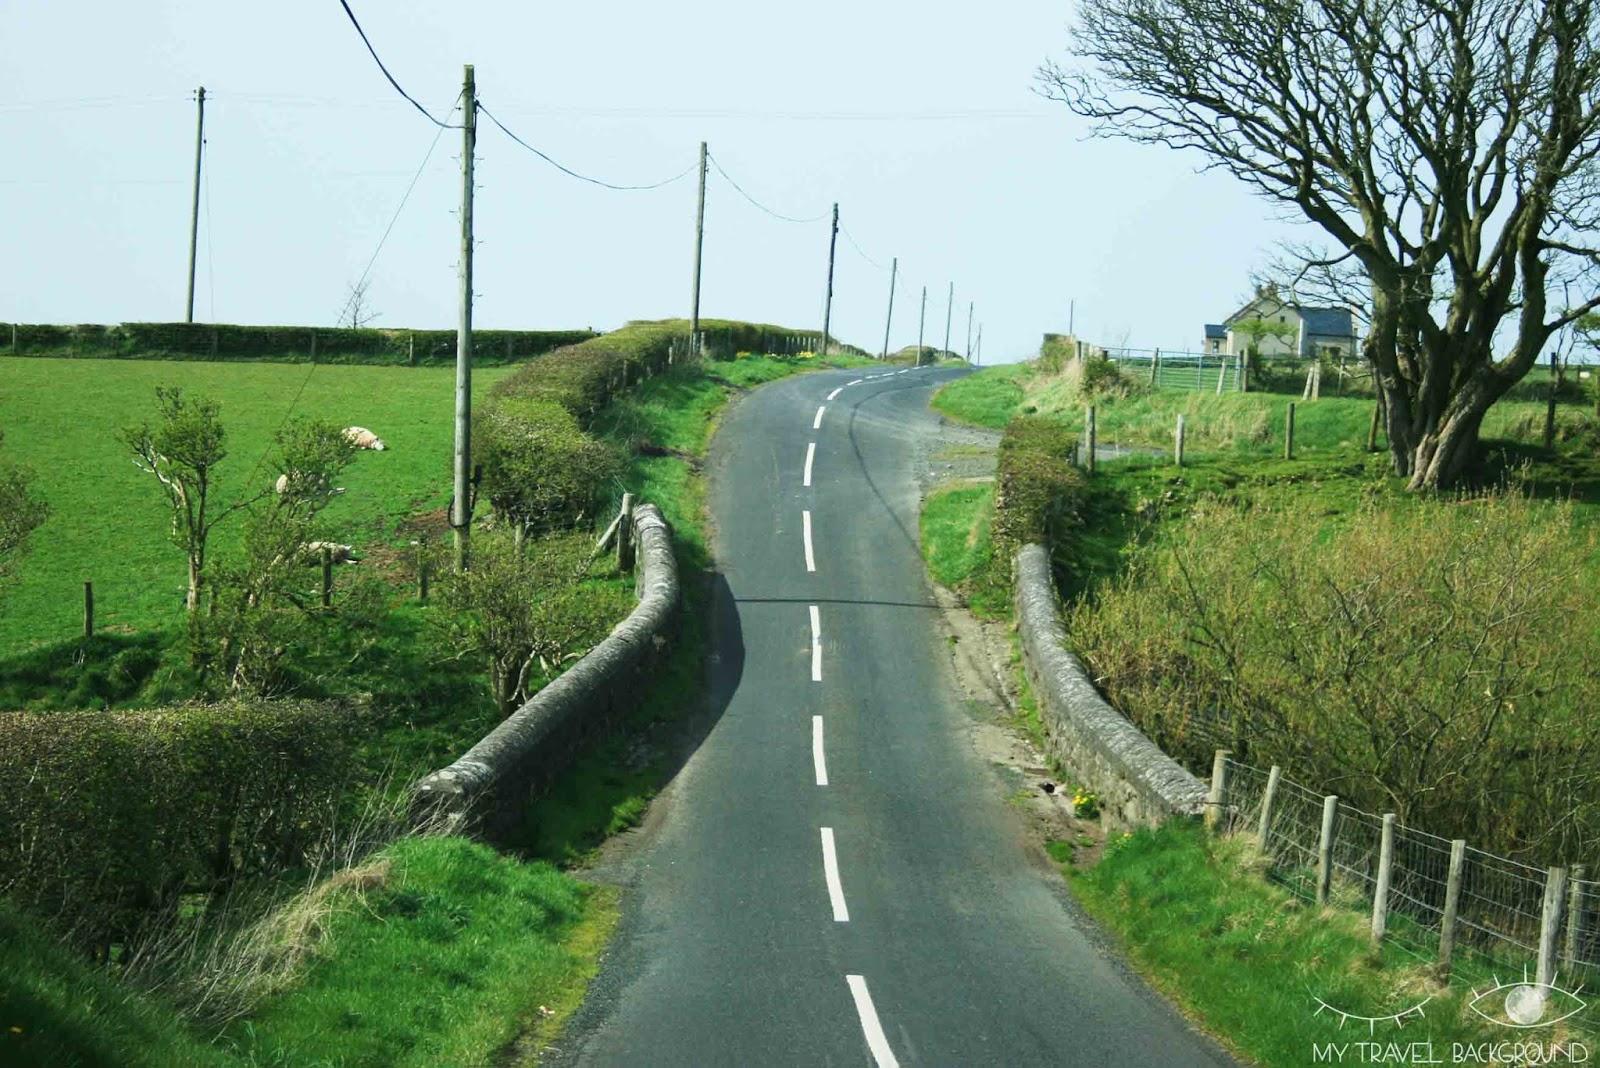 My Travel Background : Mon Road Trip de 2 semaines en Irlande : itinéraire & infos pratiques